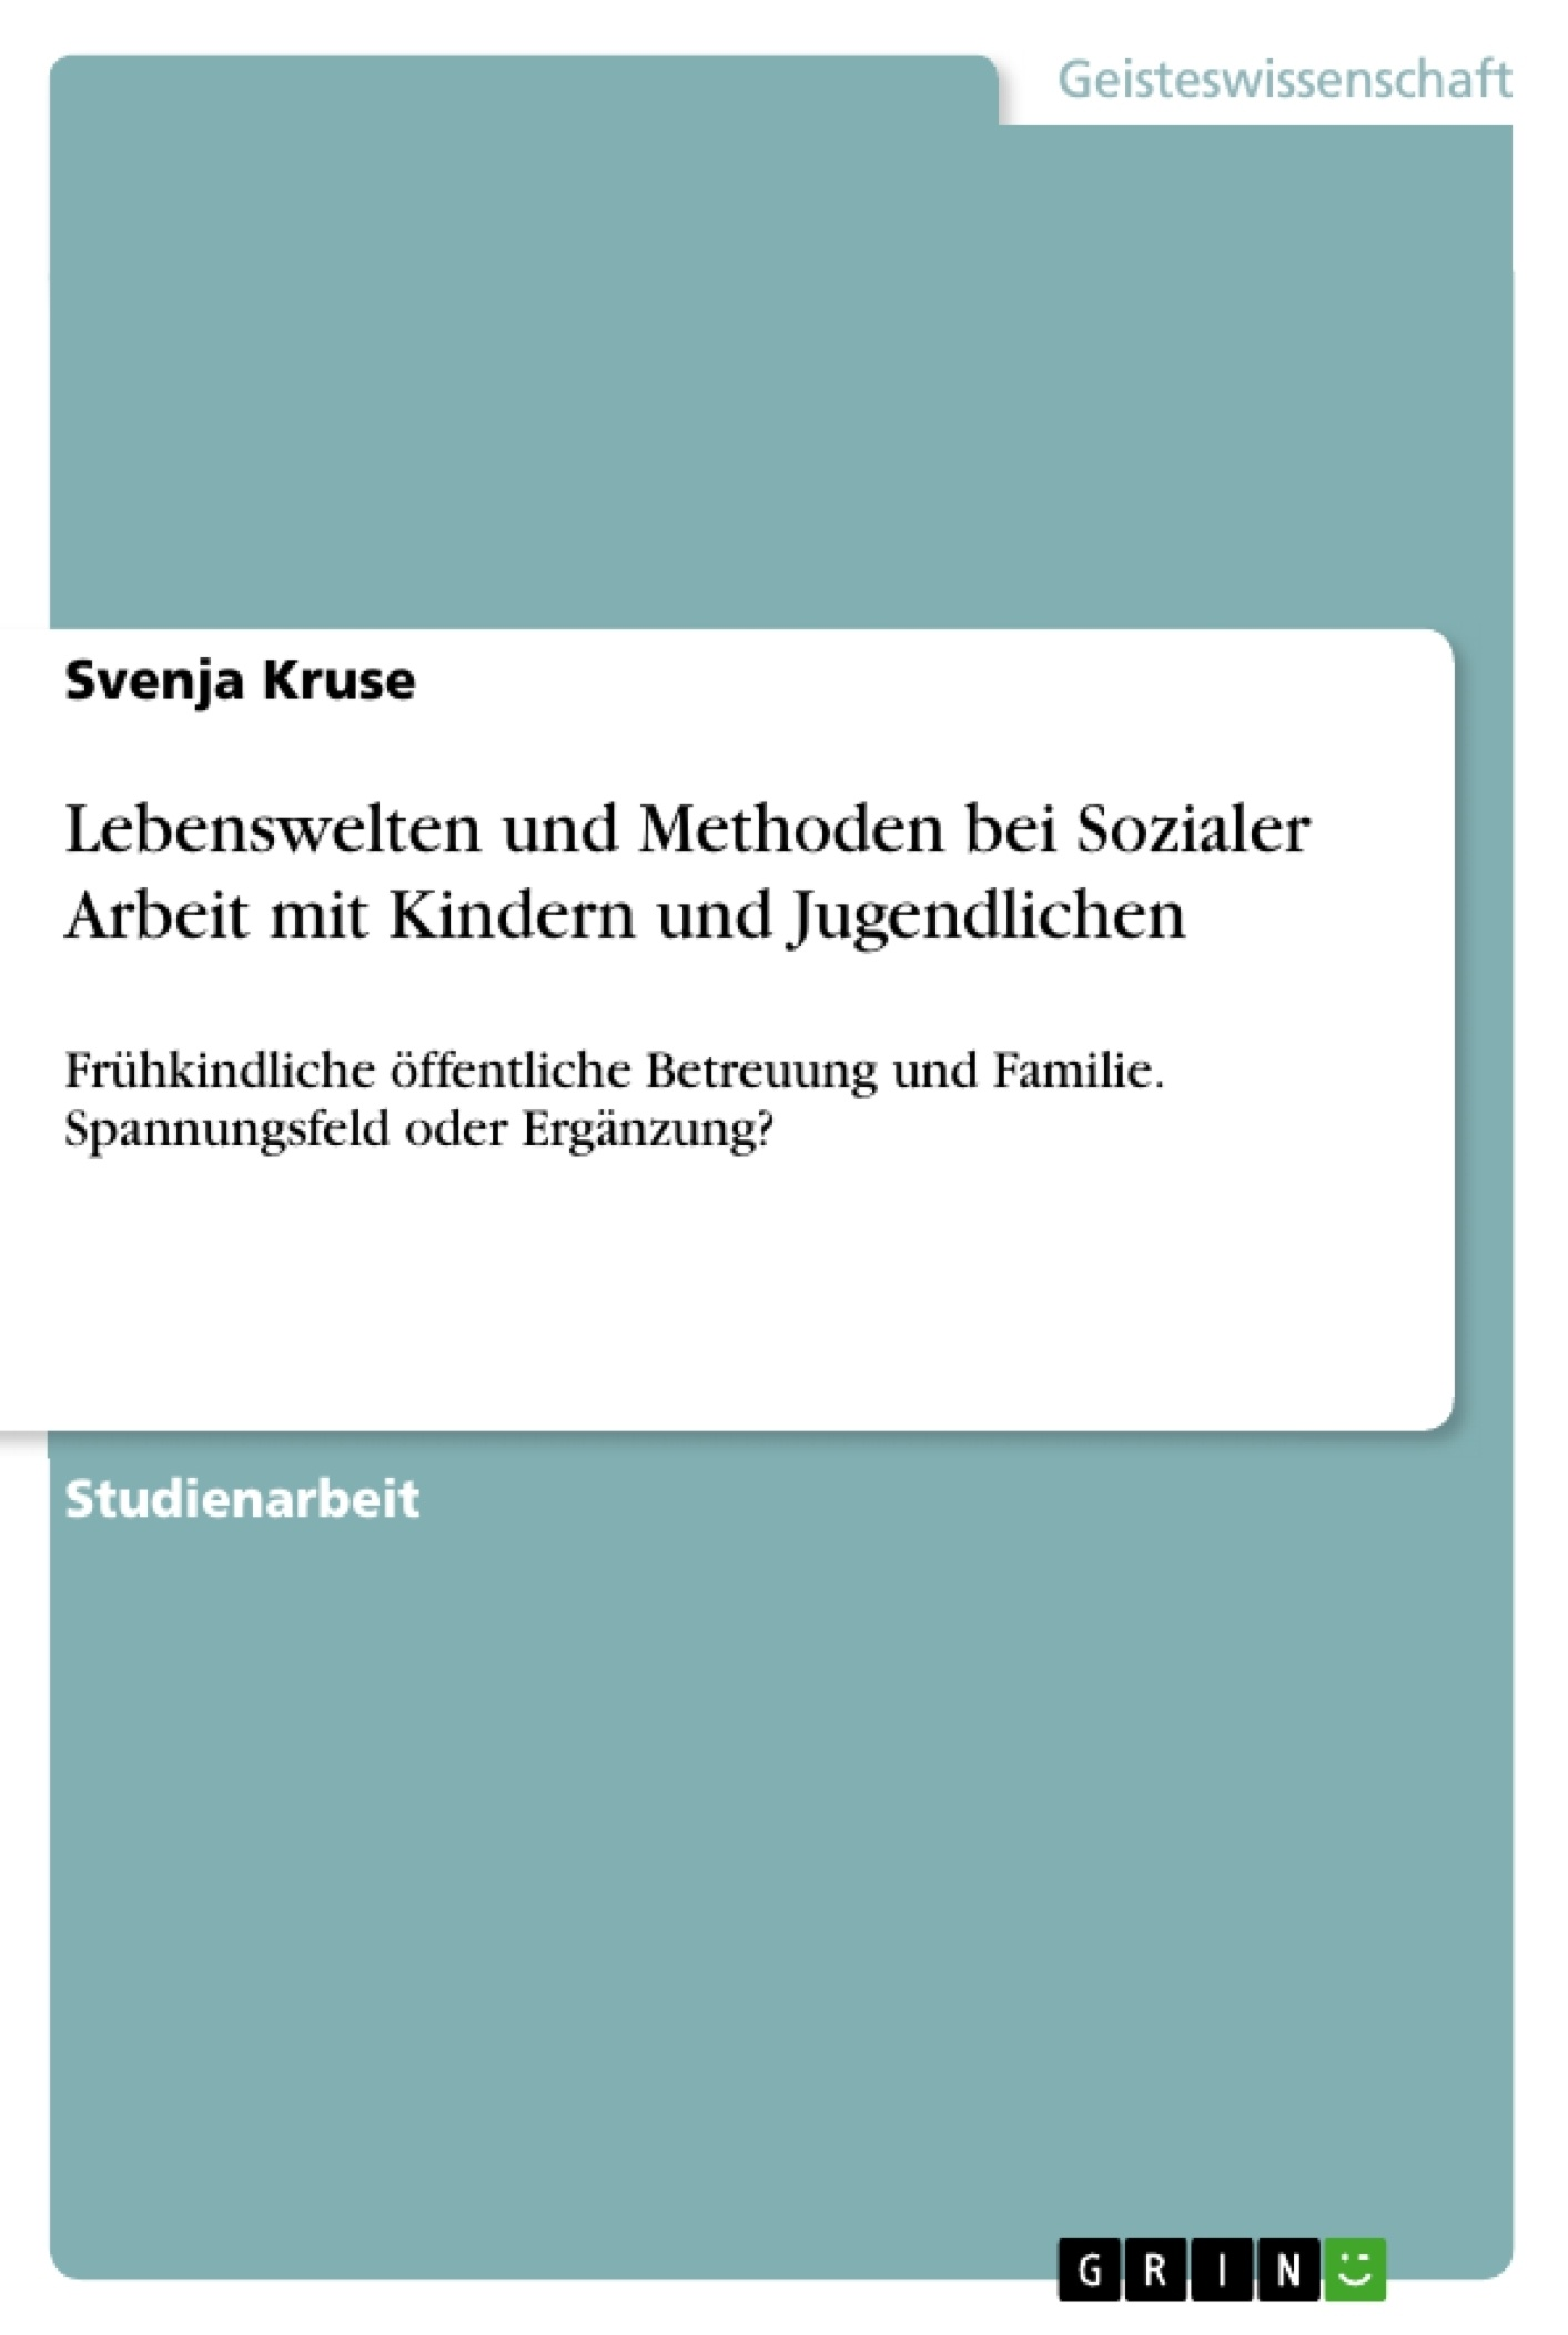 Titel: Lebenswelten und Methoden bei Sozialer Arbeit mit Kindern und Jugendlichen